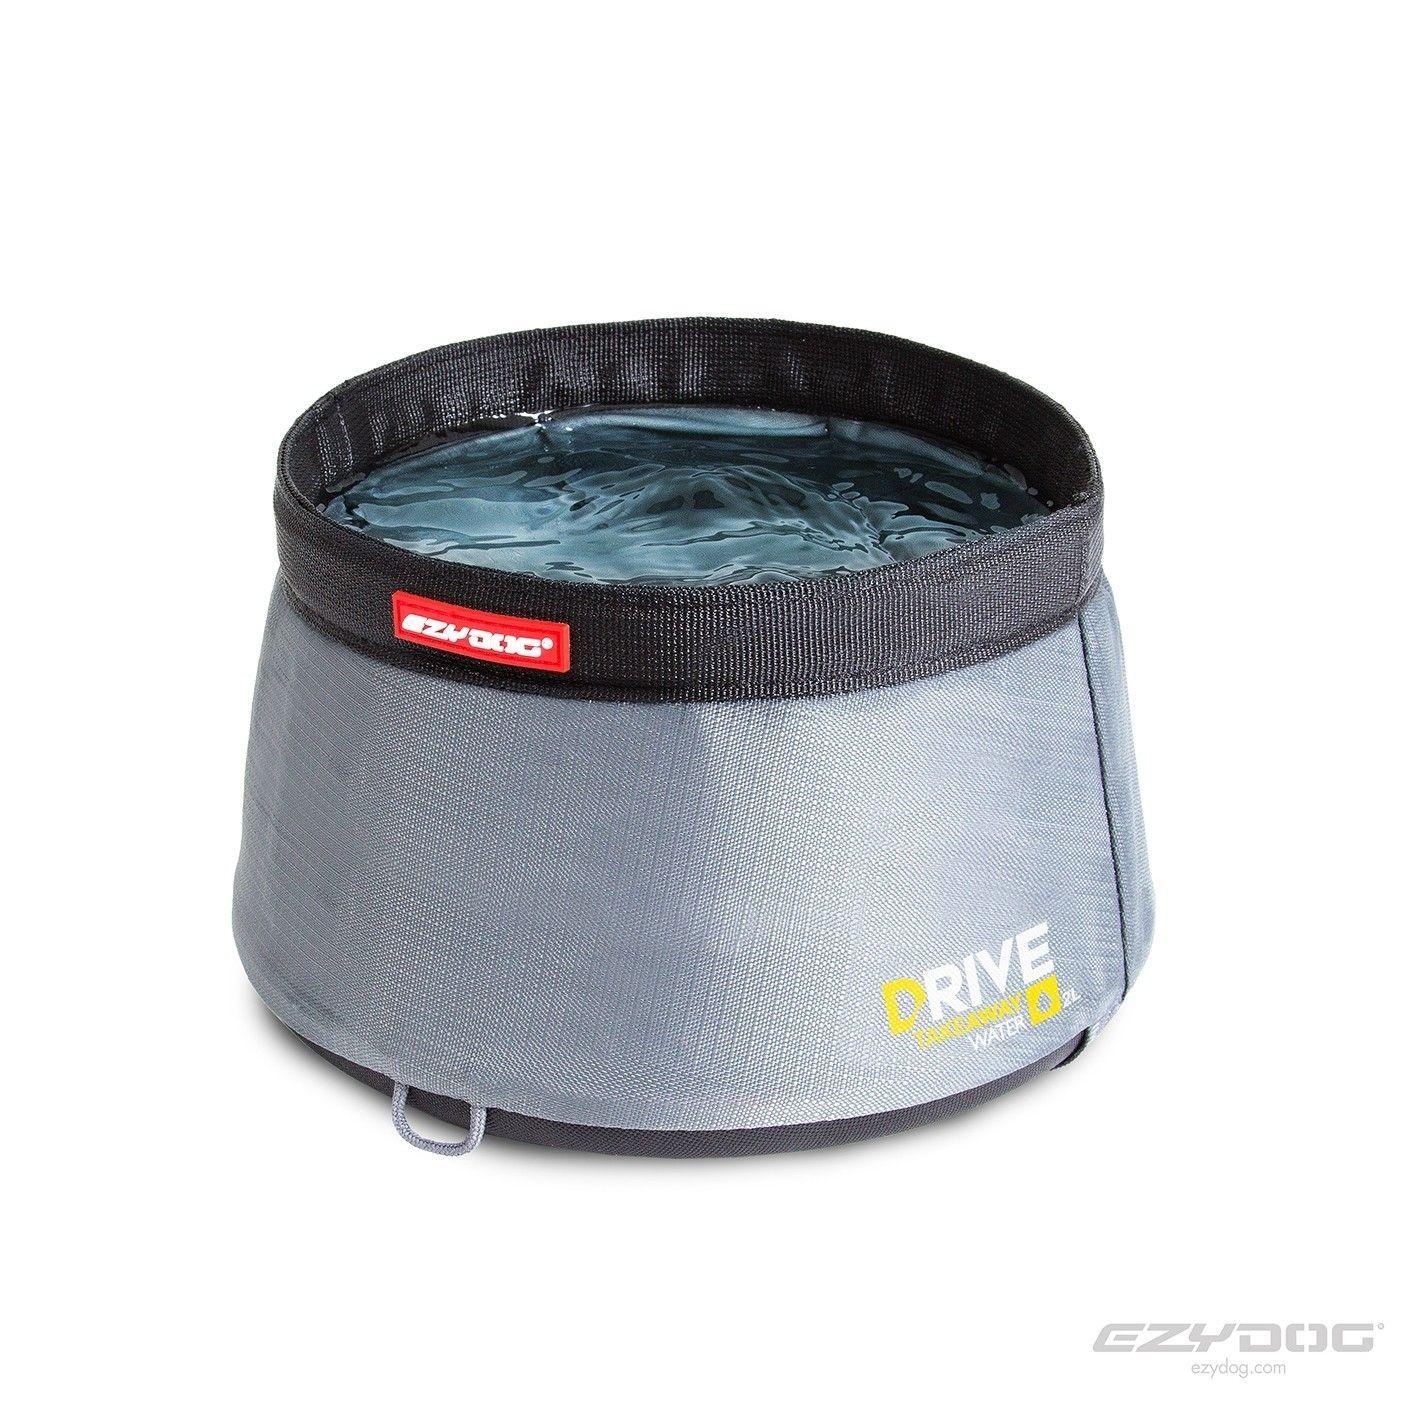 Drive Takeaway Water Bowl